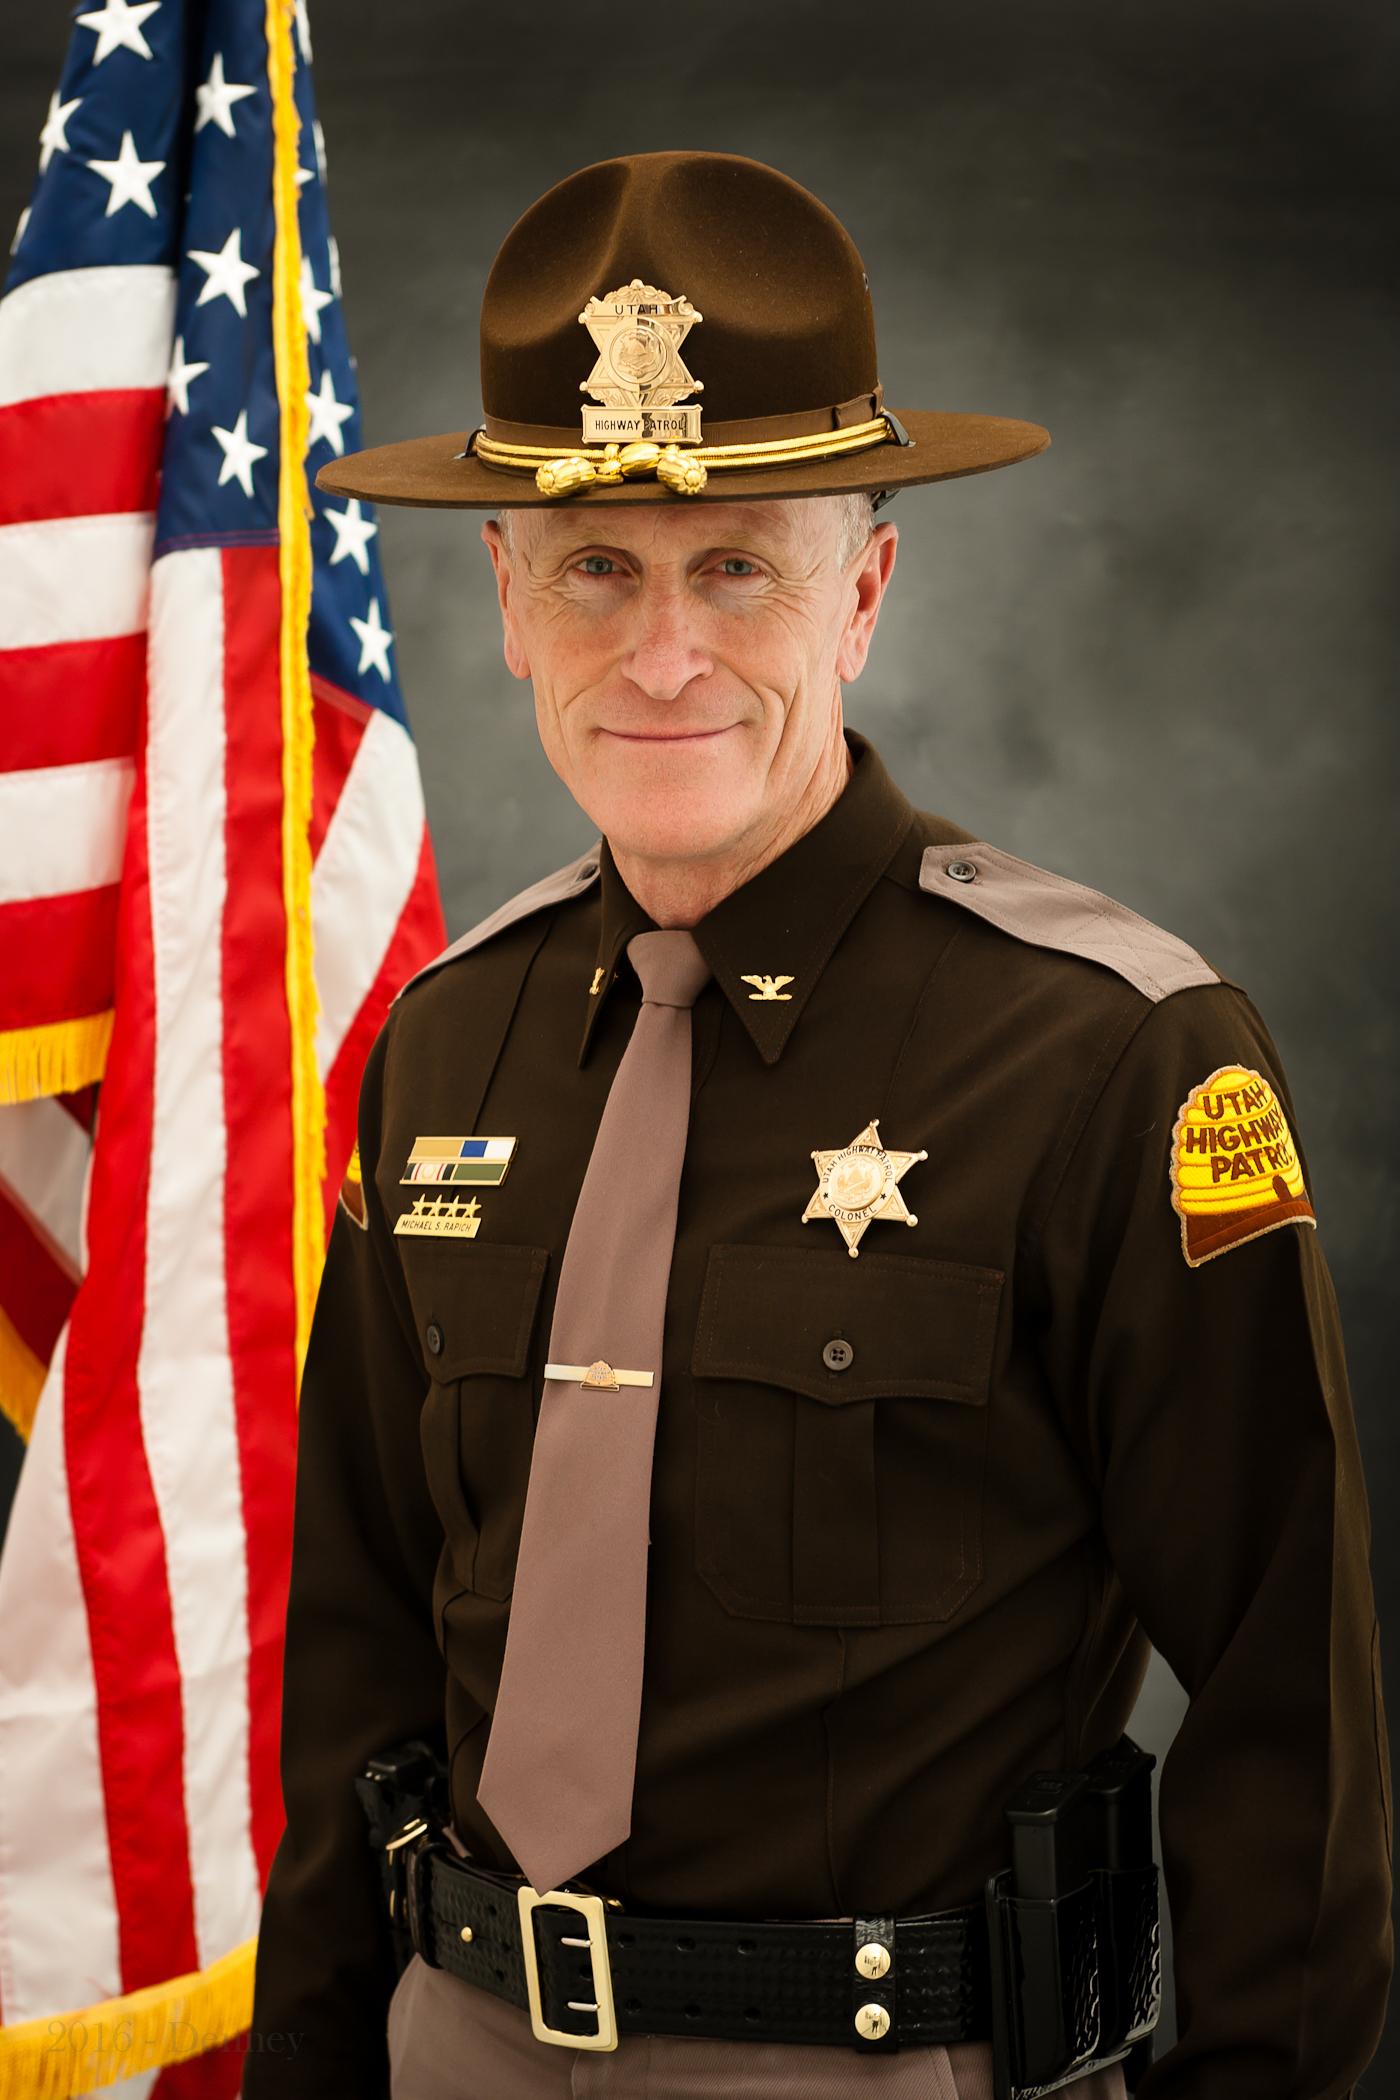 Colonel Mike Rapich